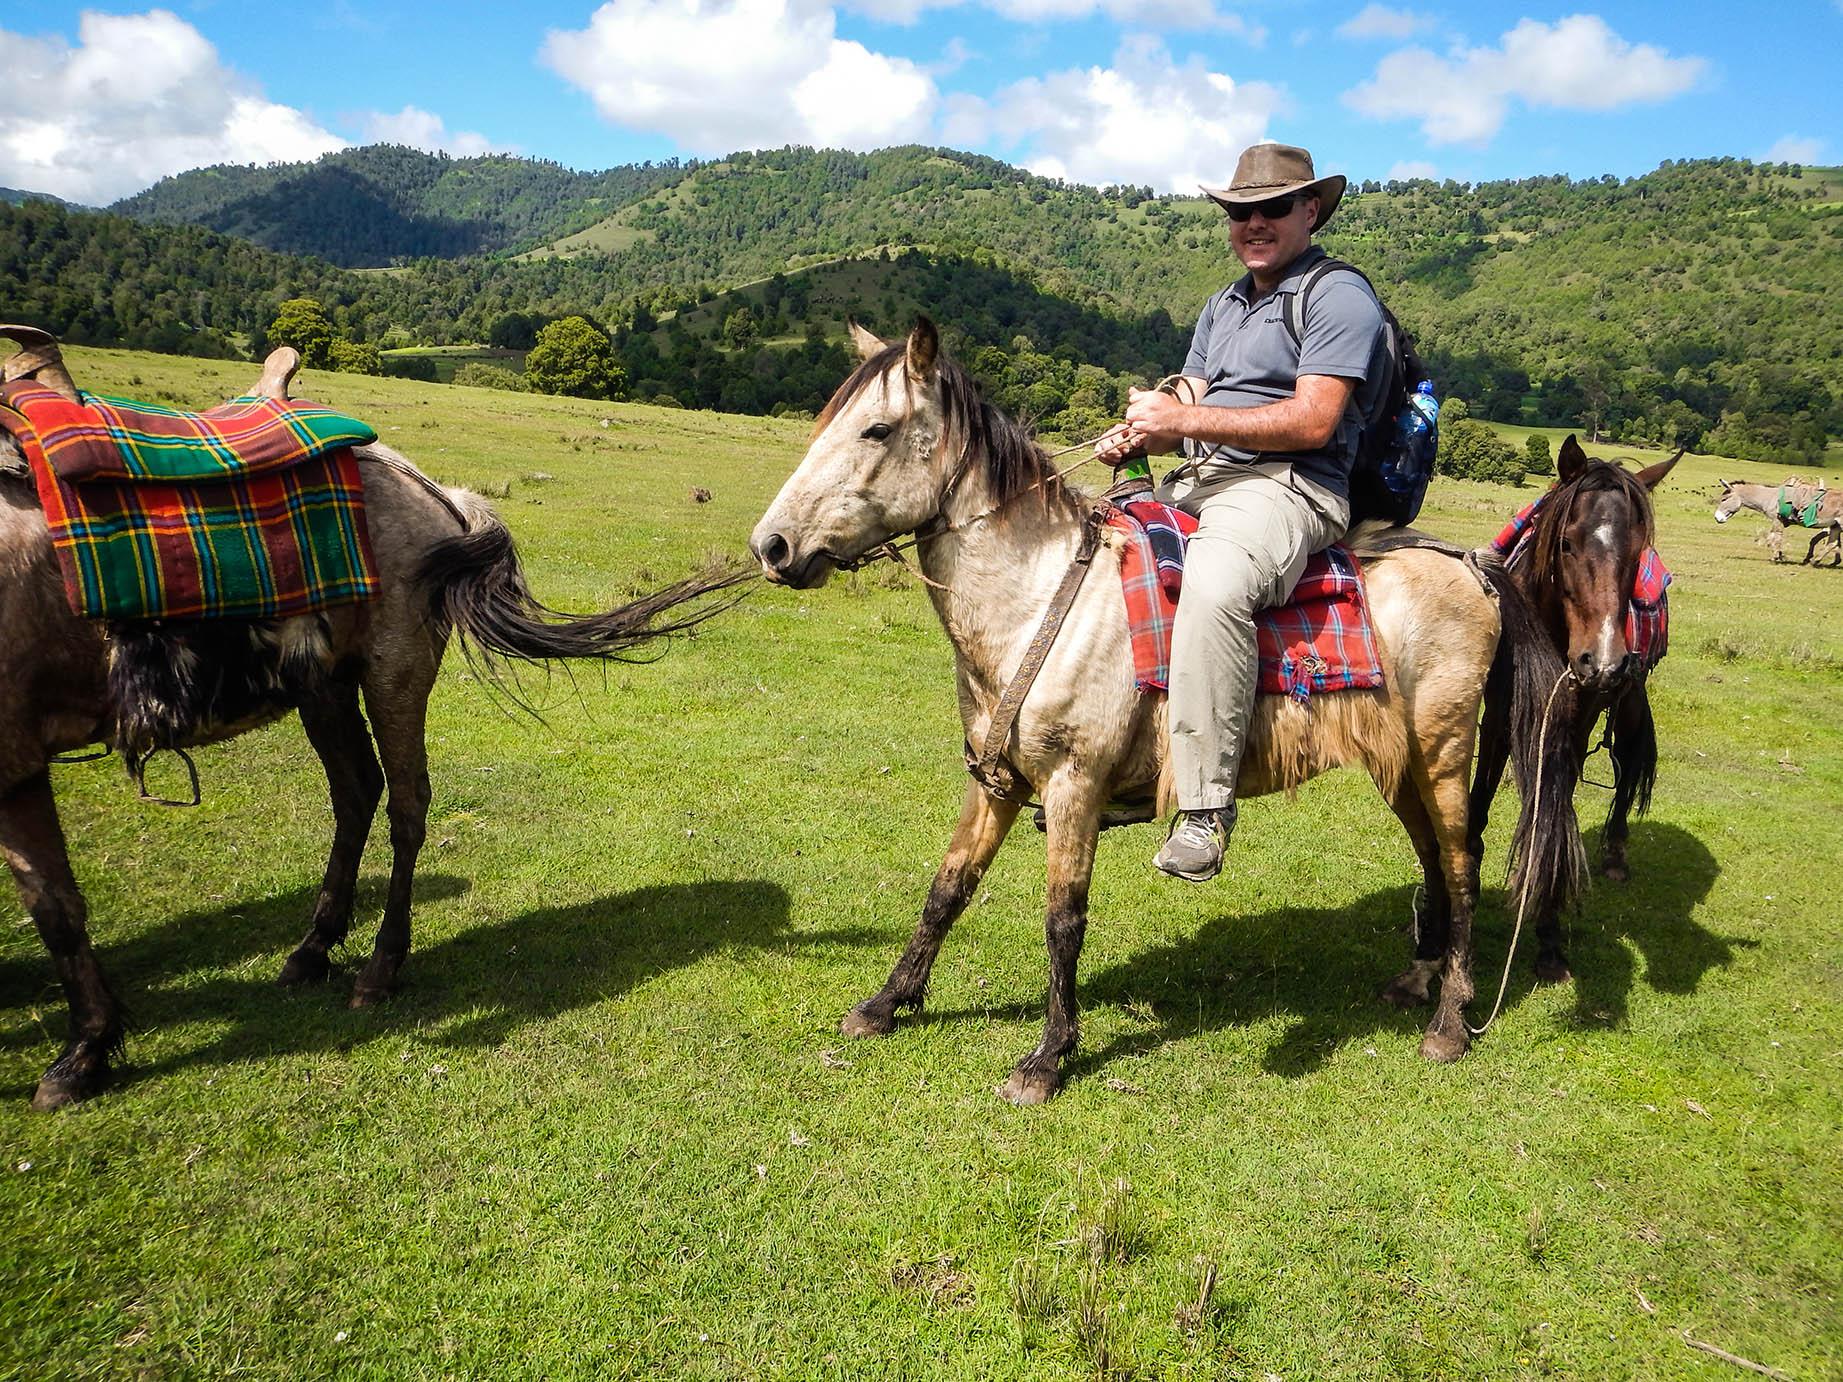 טיול סוסים בשמורת בלה